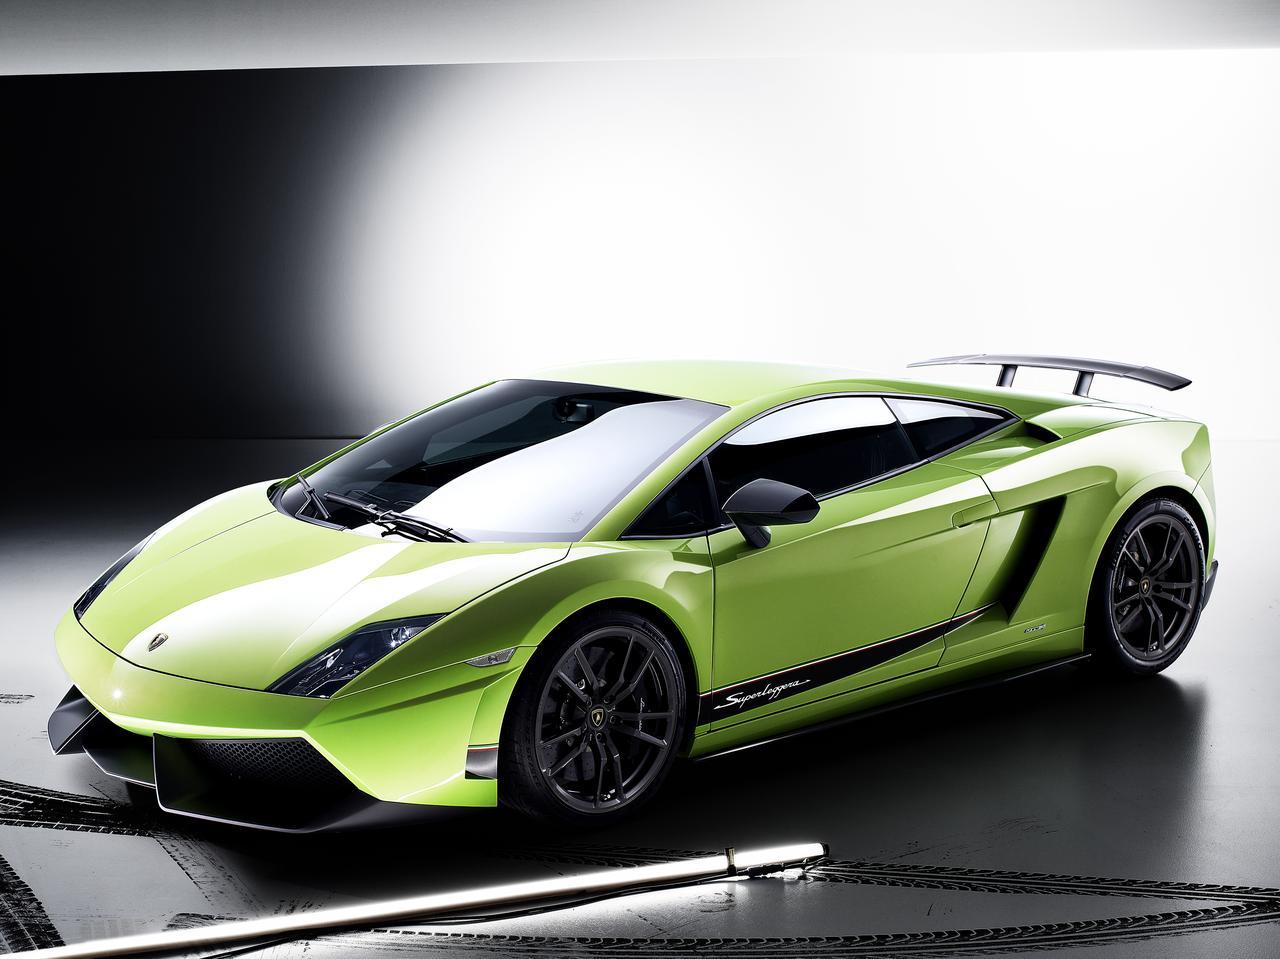 【伝説のランボルギーニ(8)】V10エンジンを搭載したガヤルドの登場はランボルギーニの世界を大きく広げることになる